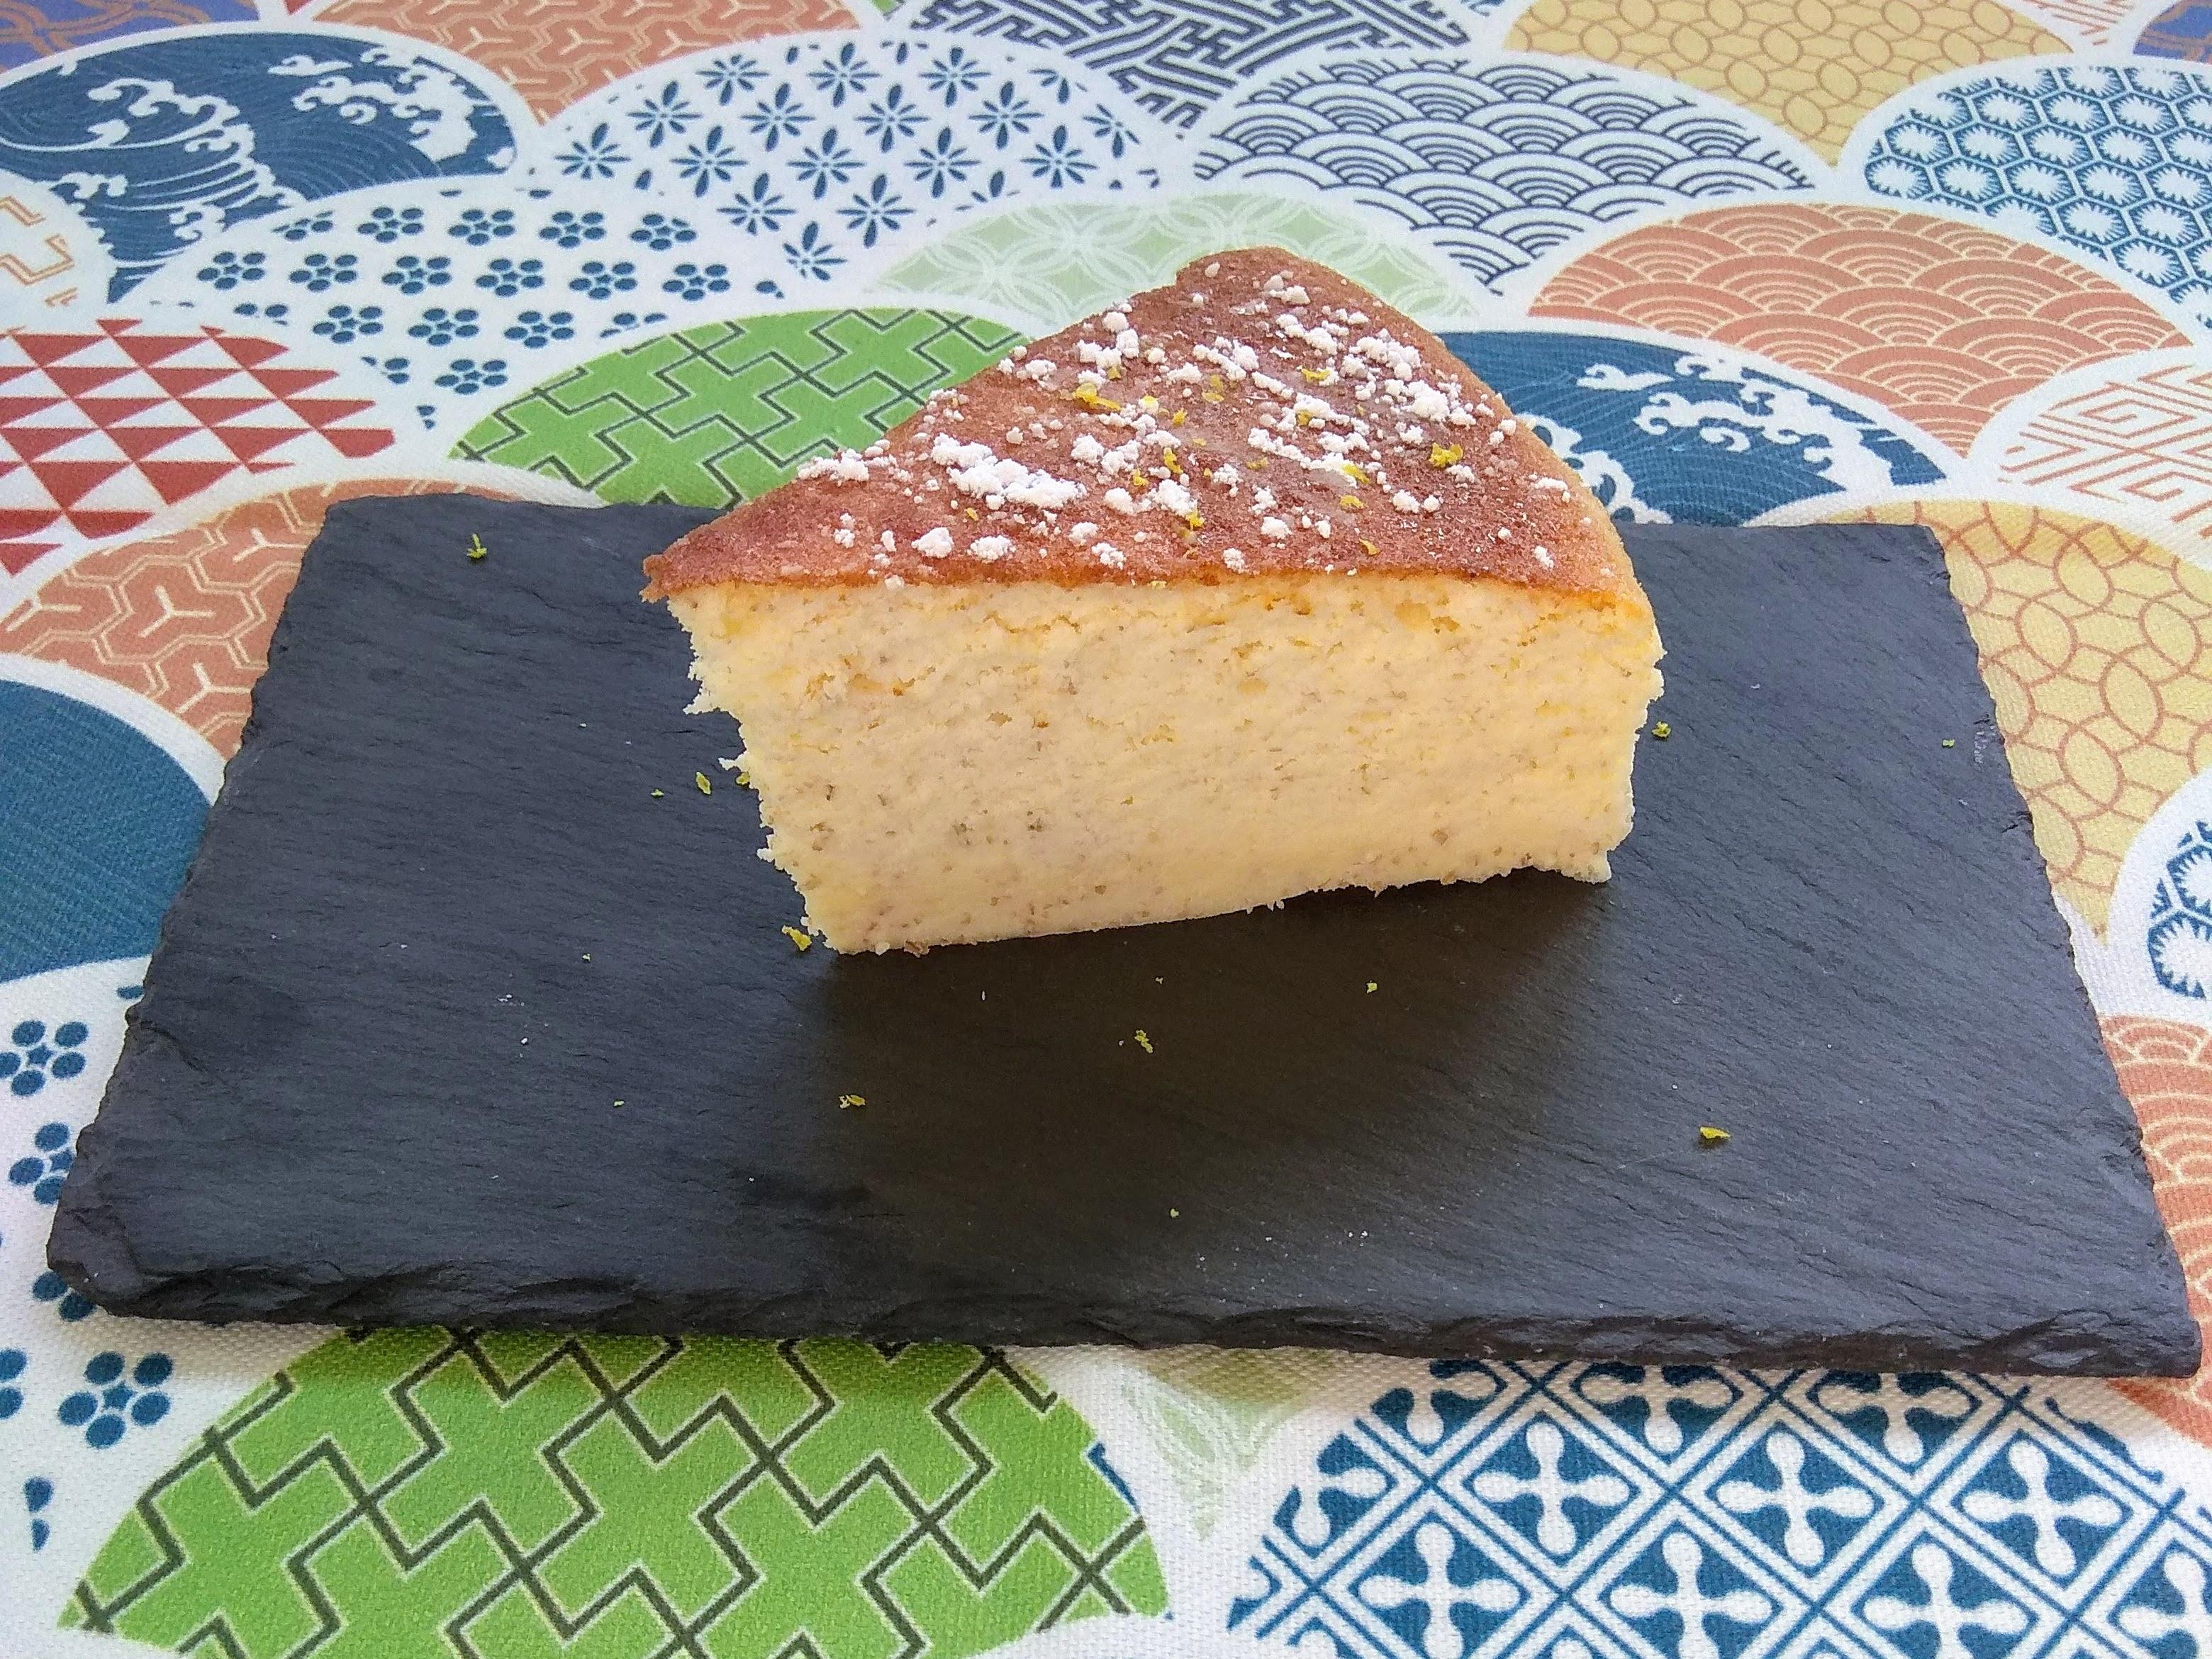 Receta de tarta de queso japonesa ( Soft cotton cheesecake). Descúbrela en: www.cocinandoconlola.com